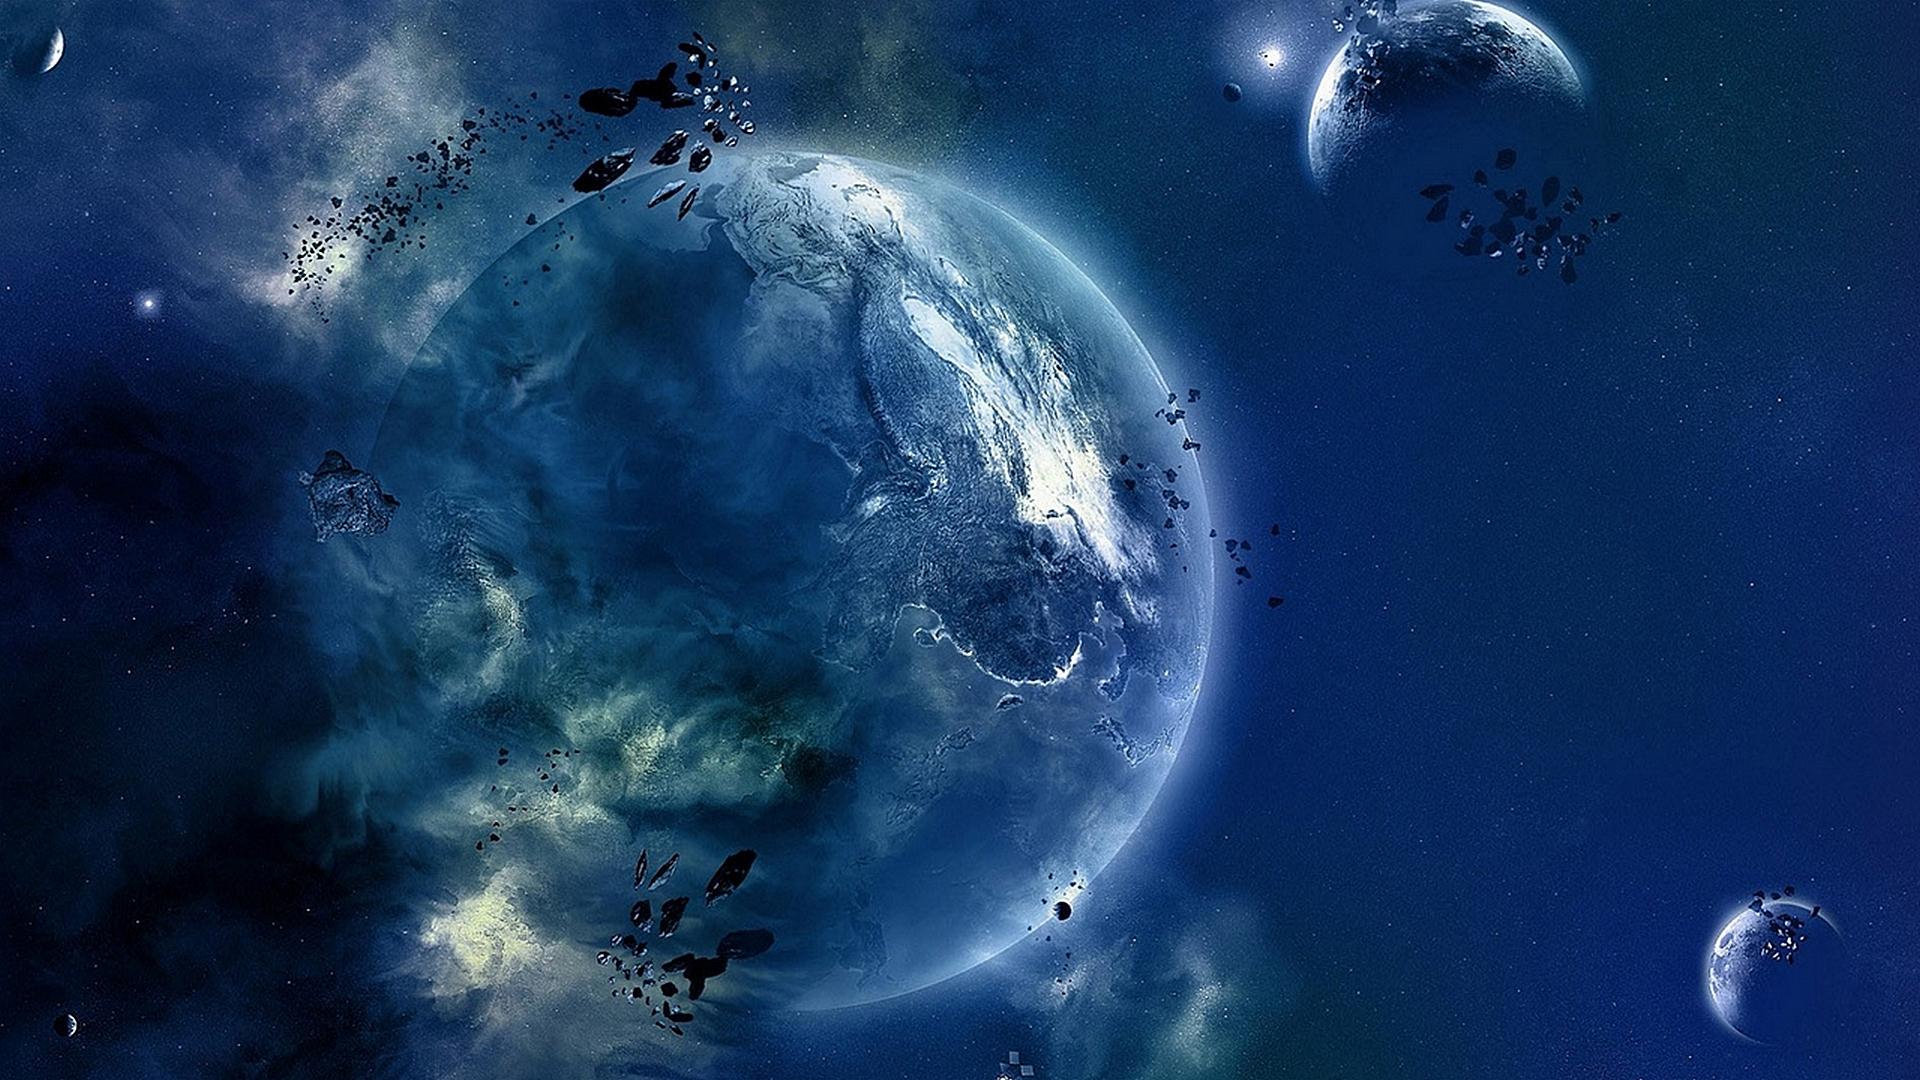 Картинки космос для рабочего стола большие